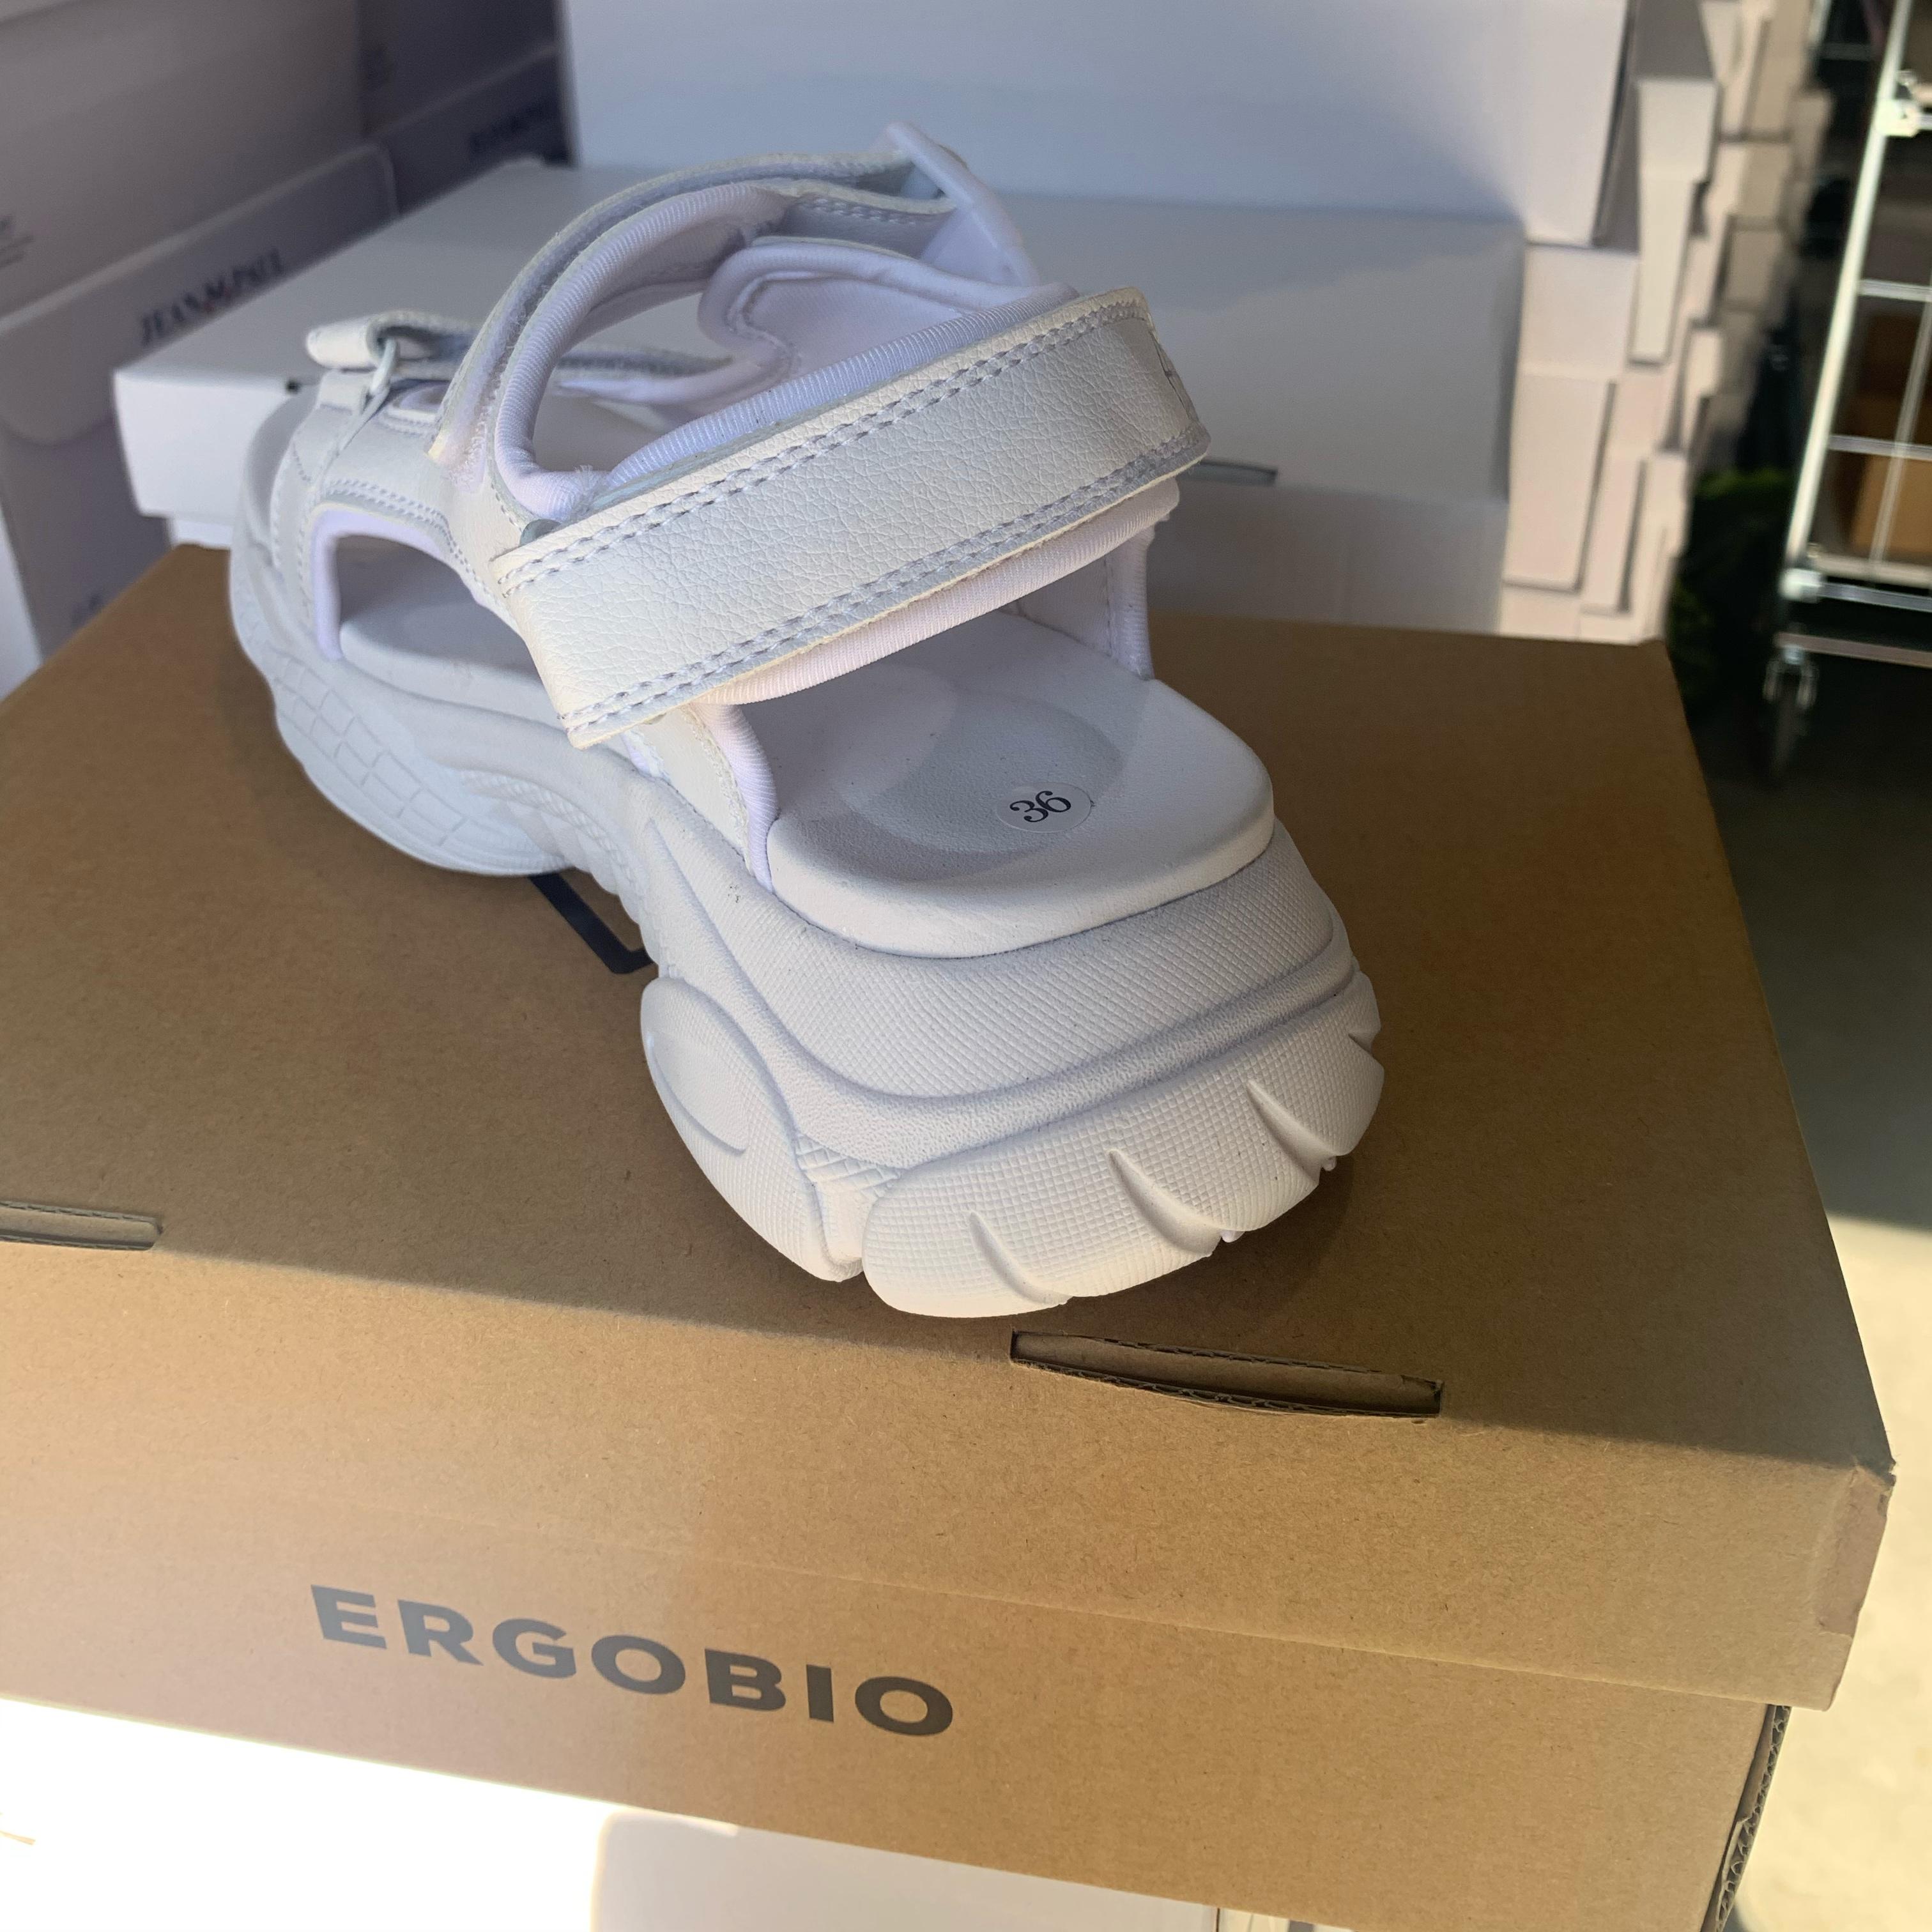 ergobio ergosand white2